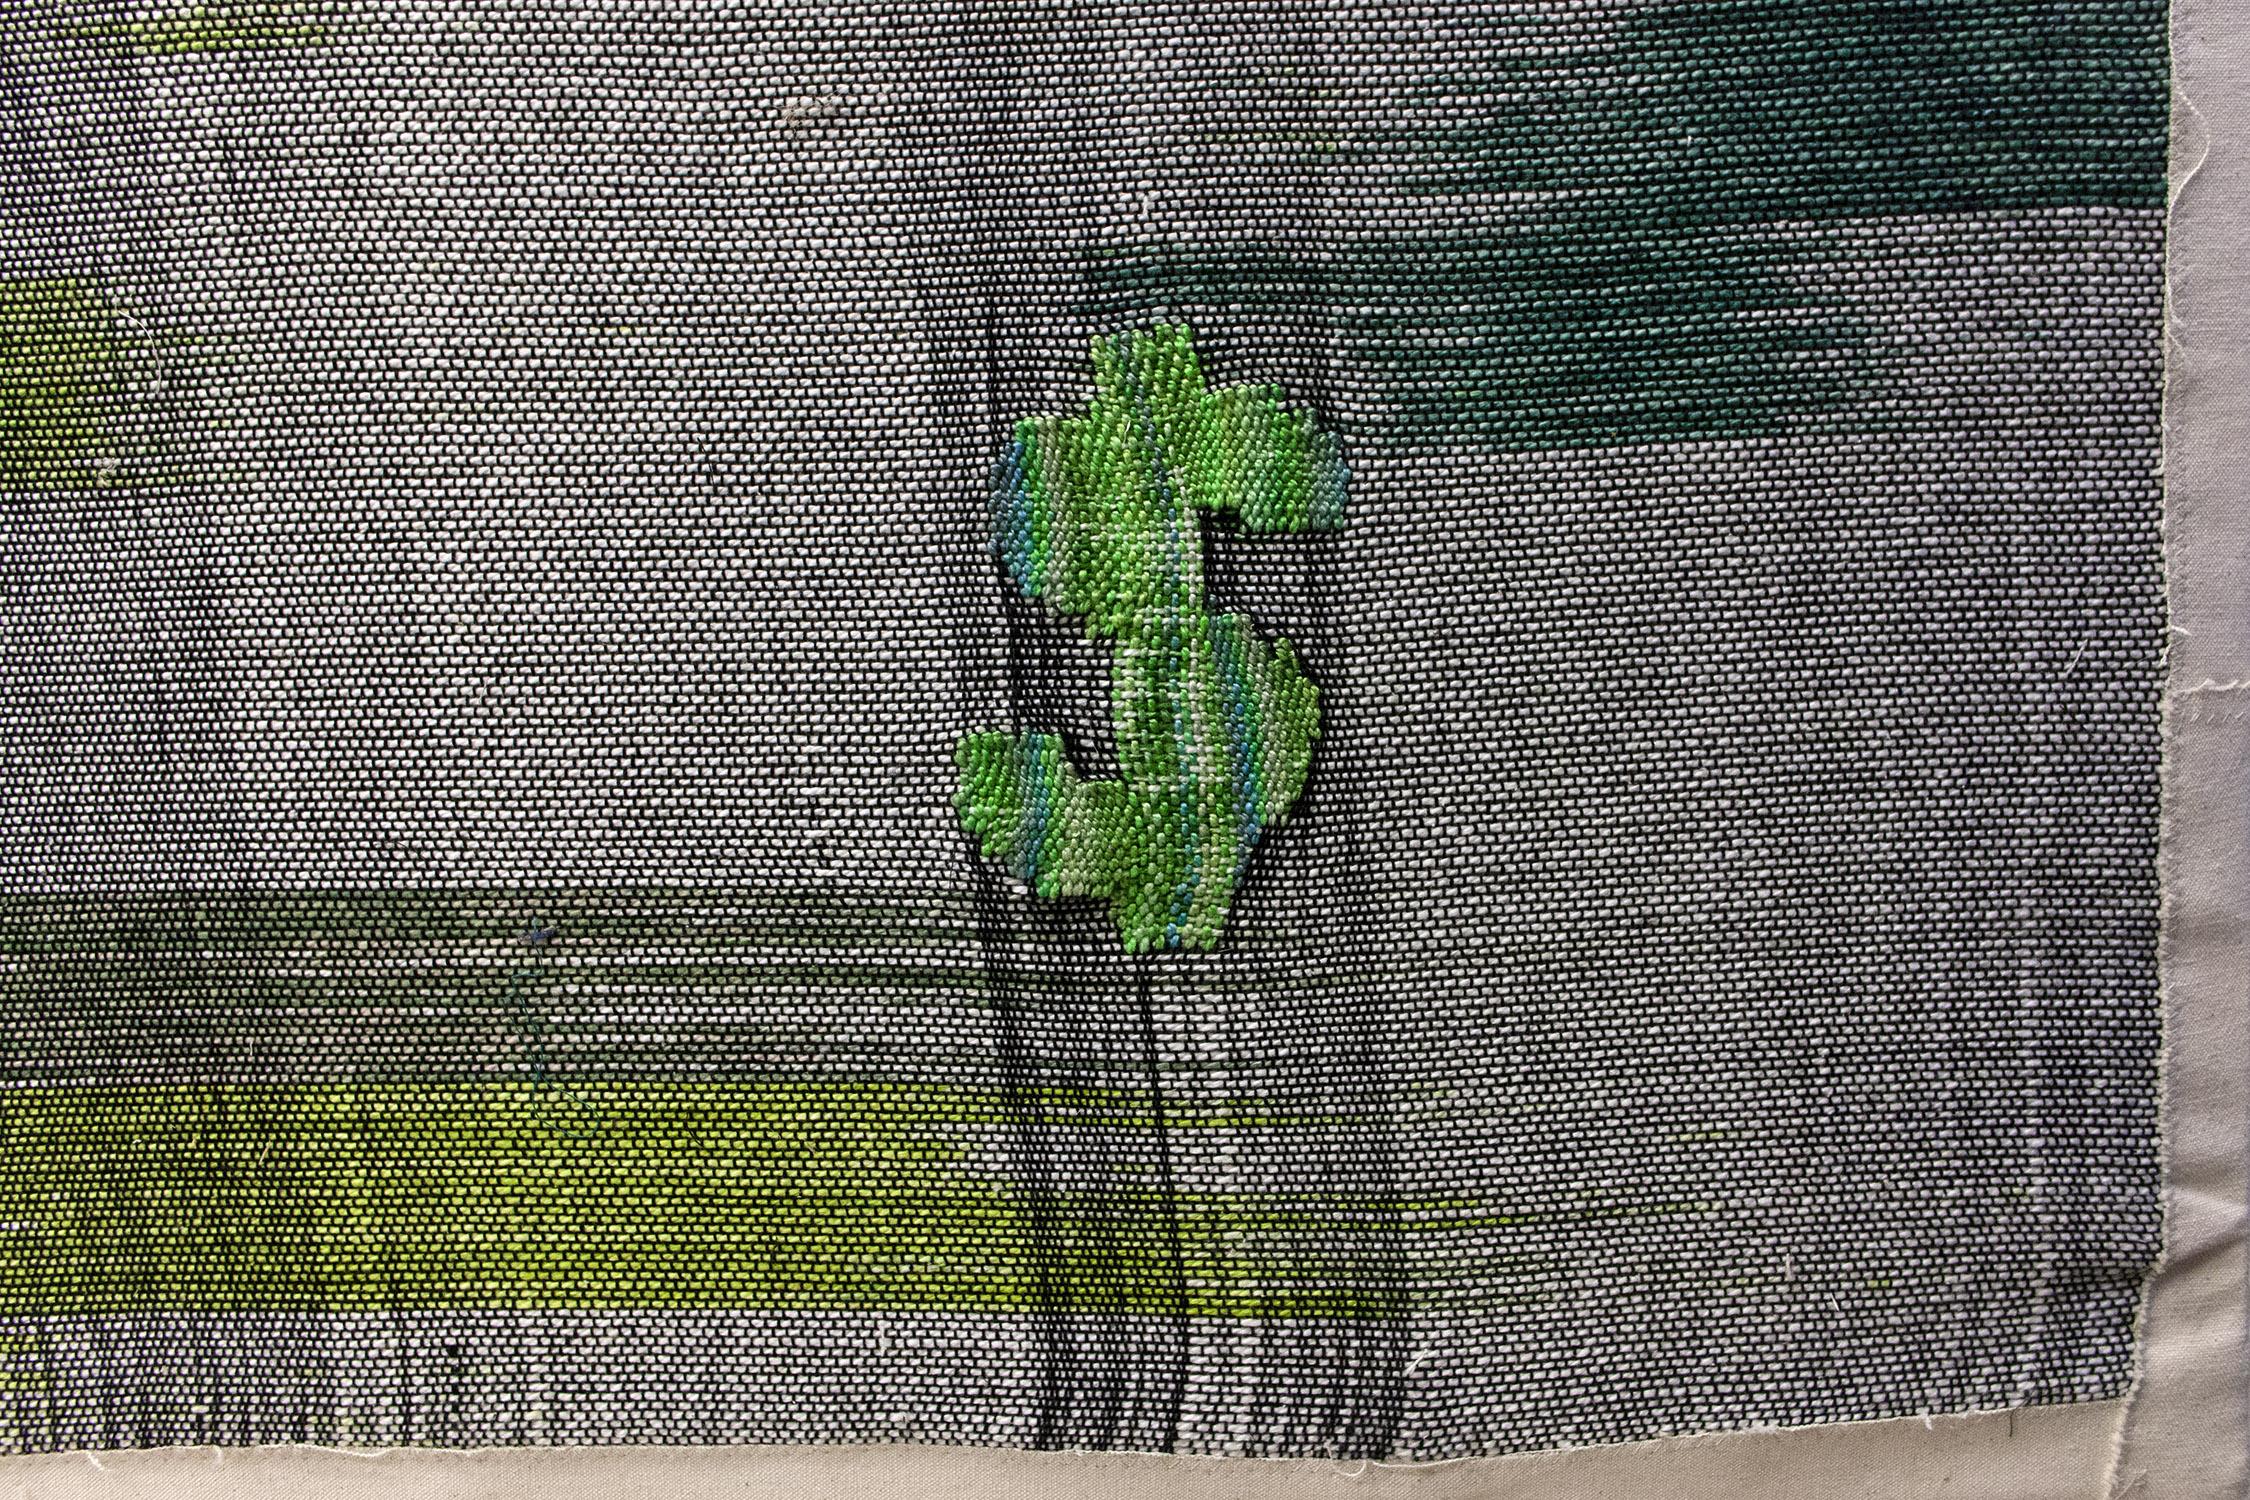 Painting detail 3.jpg